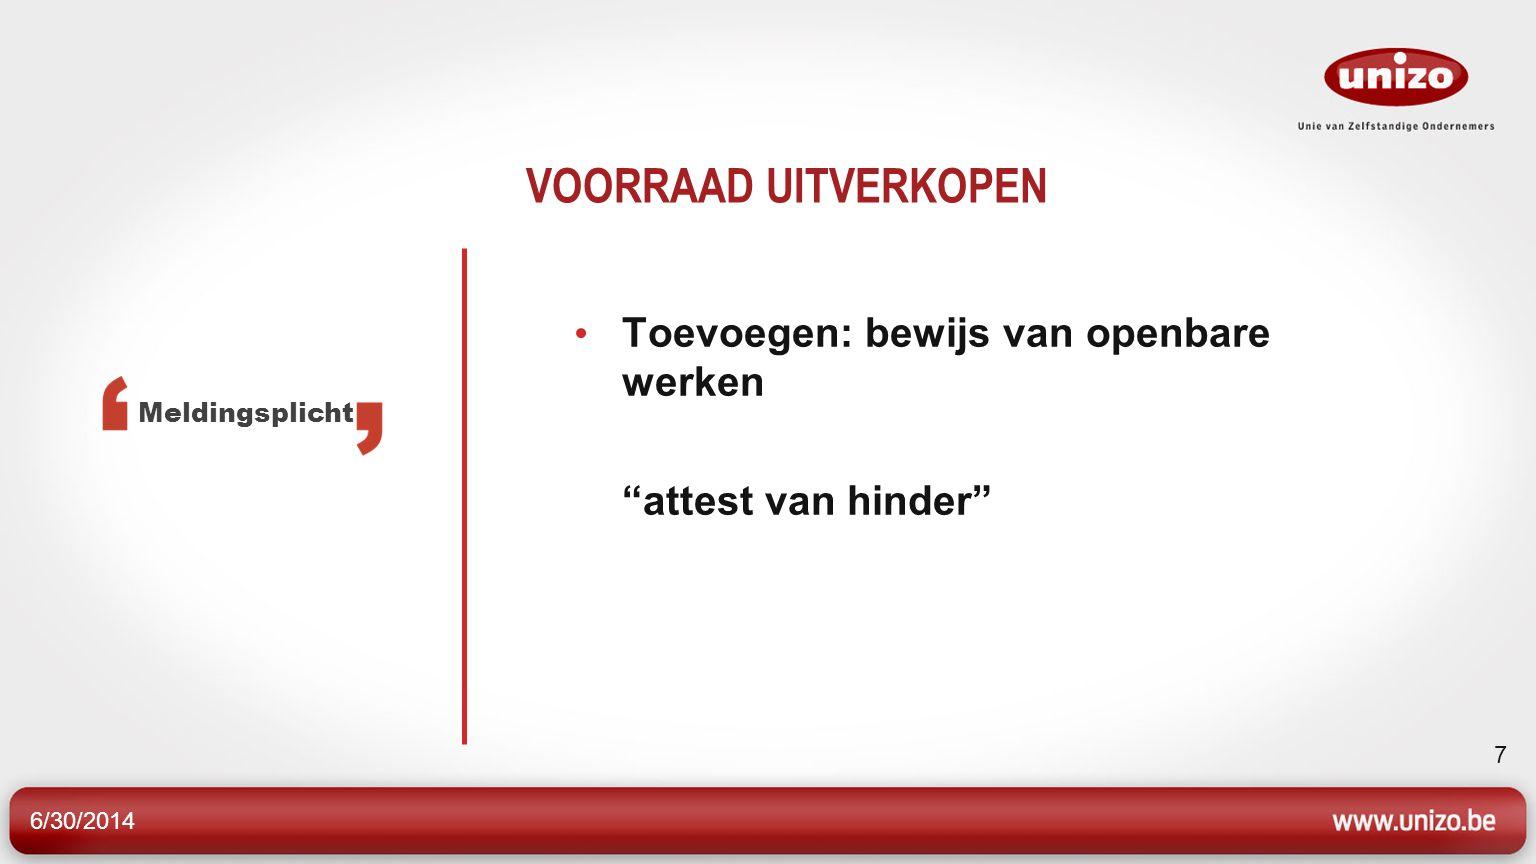 6/30/2014 7 VOORRAAD UITVERKOPEN • Toevoegen: bewijs van openbare werken attest van hinder Meldingsplicht